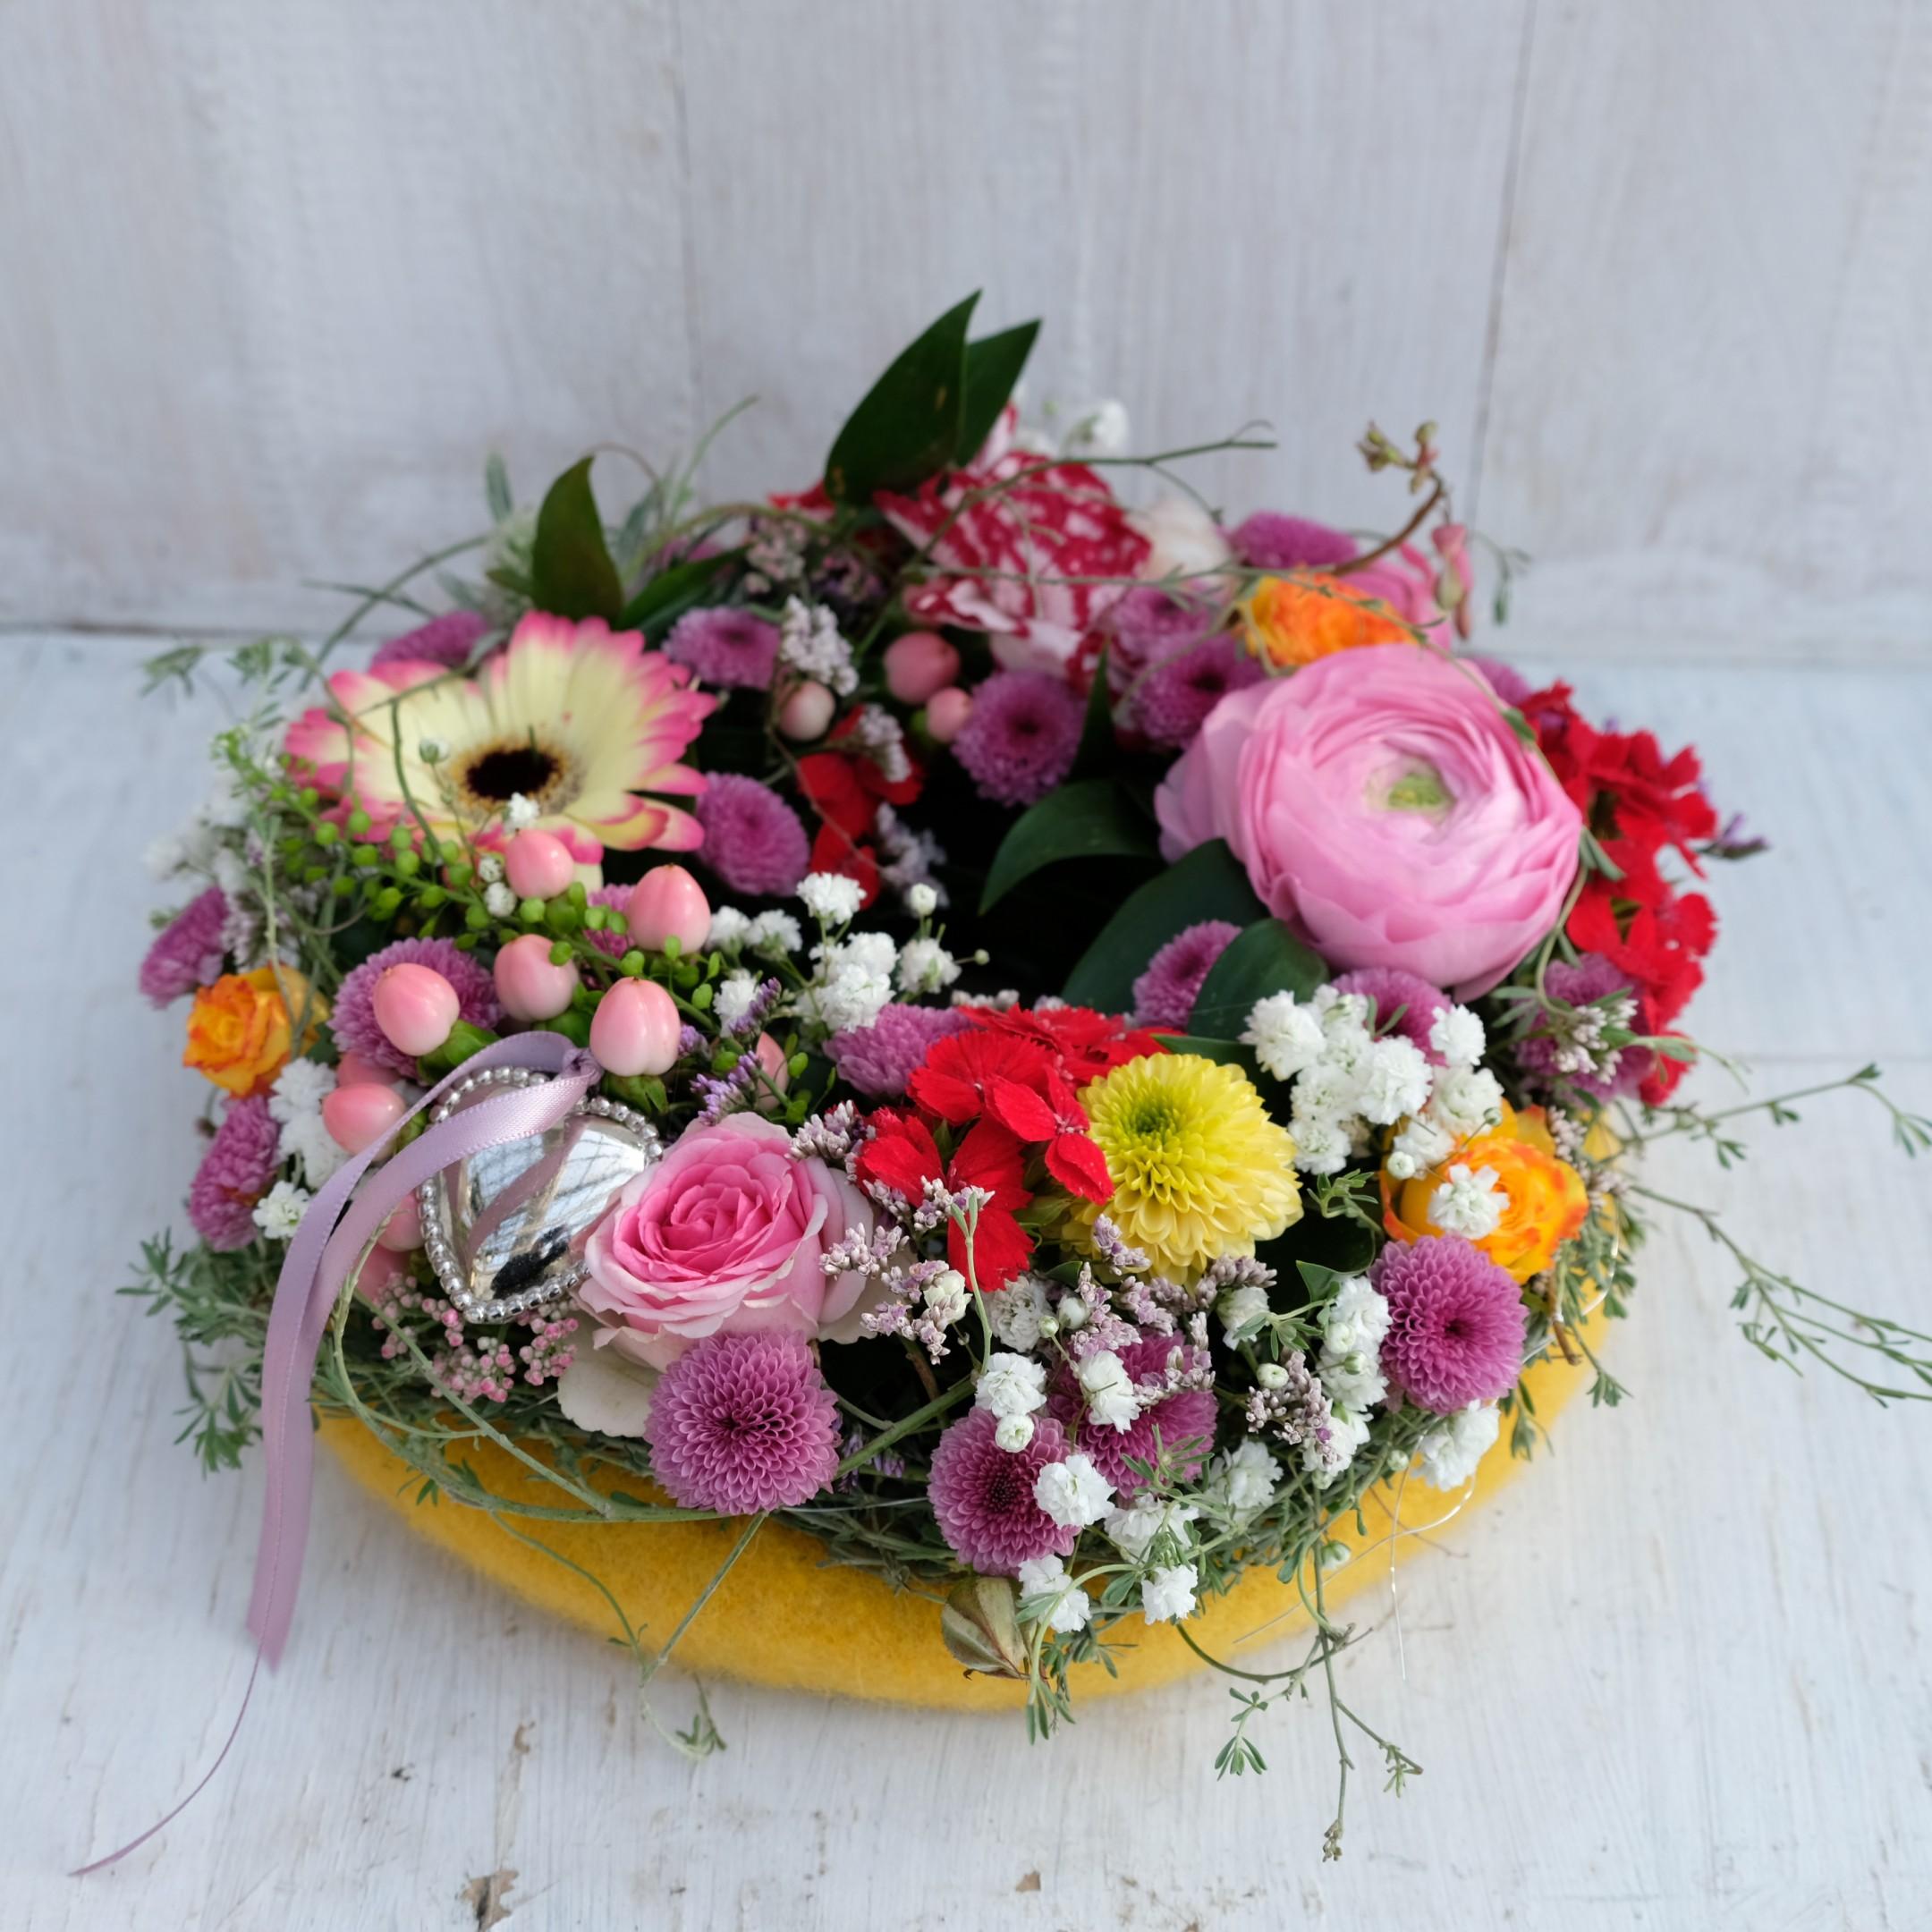 Blumenkranz Bild 2